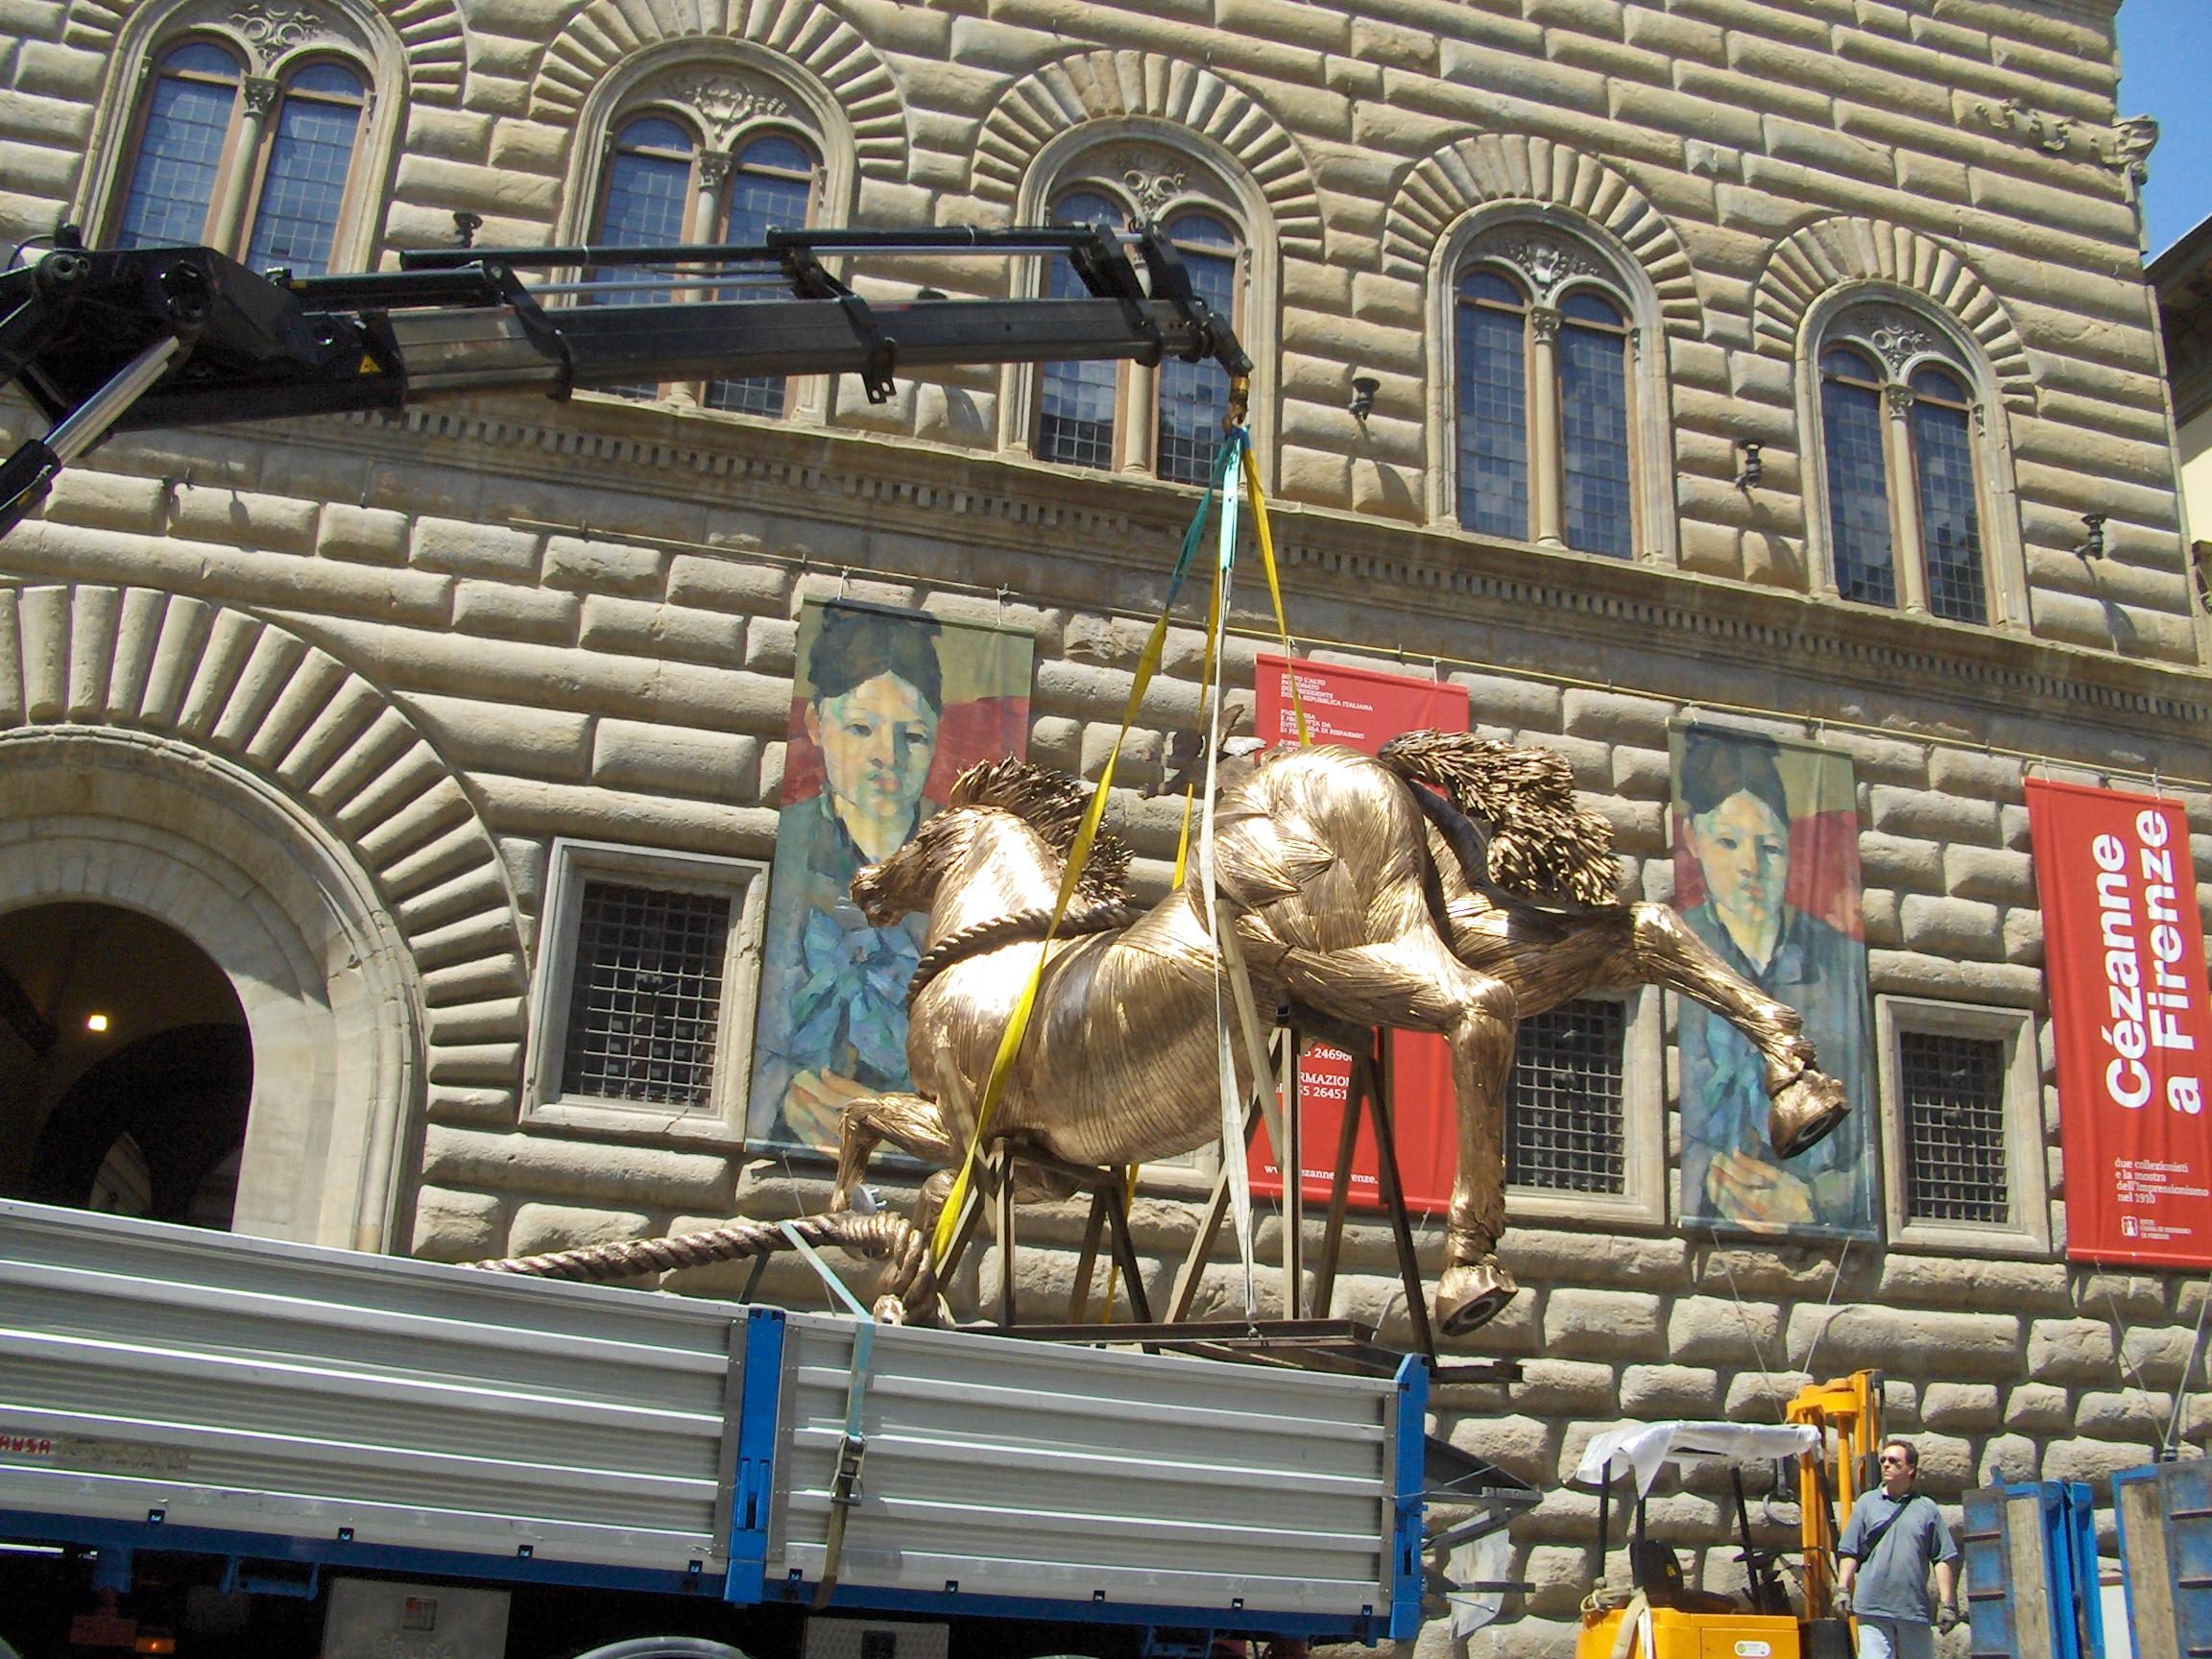 Mario Ceroli - Cavallo h. cm. 400 installato in Piazza Strozzi a Firenze